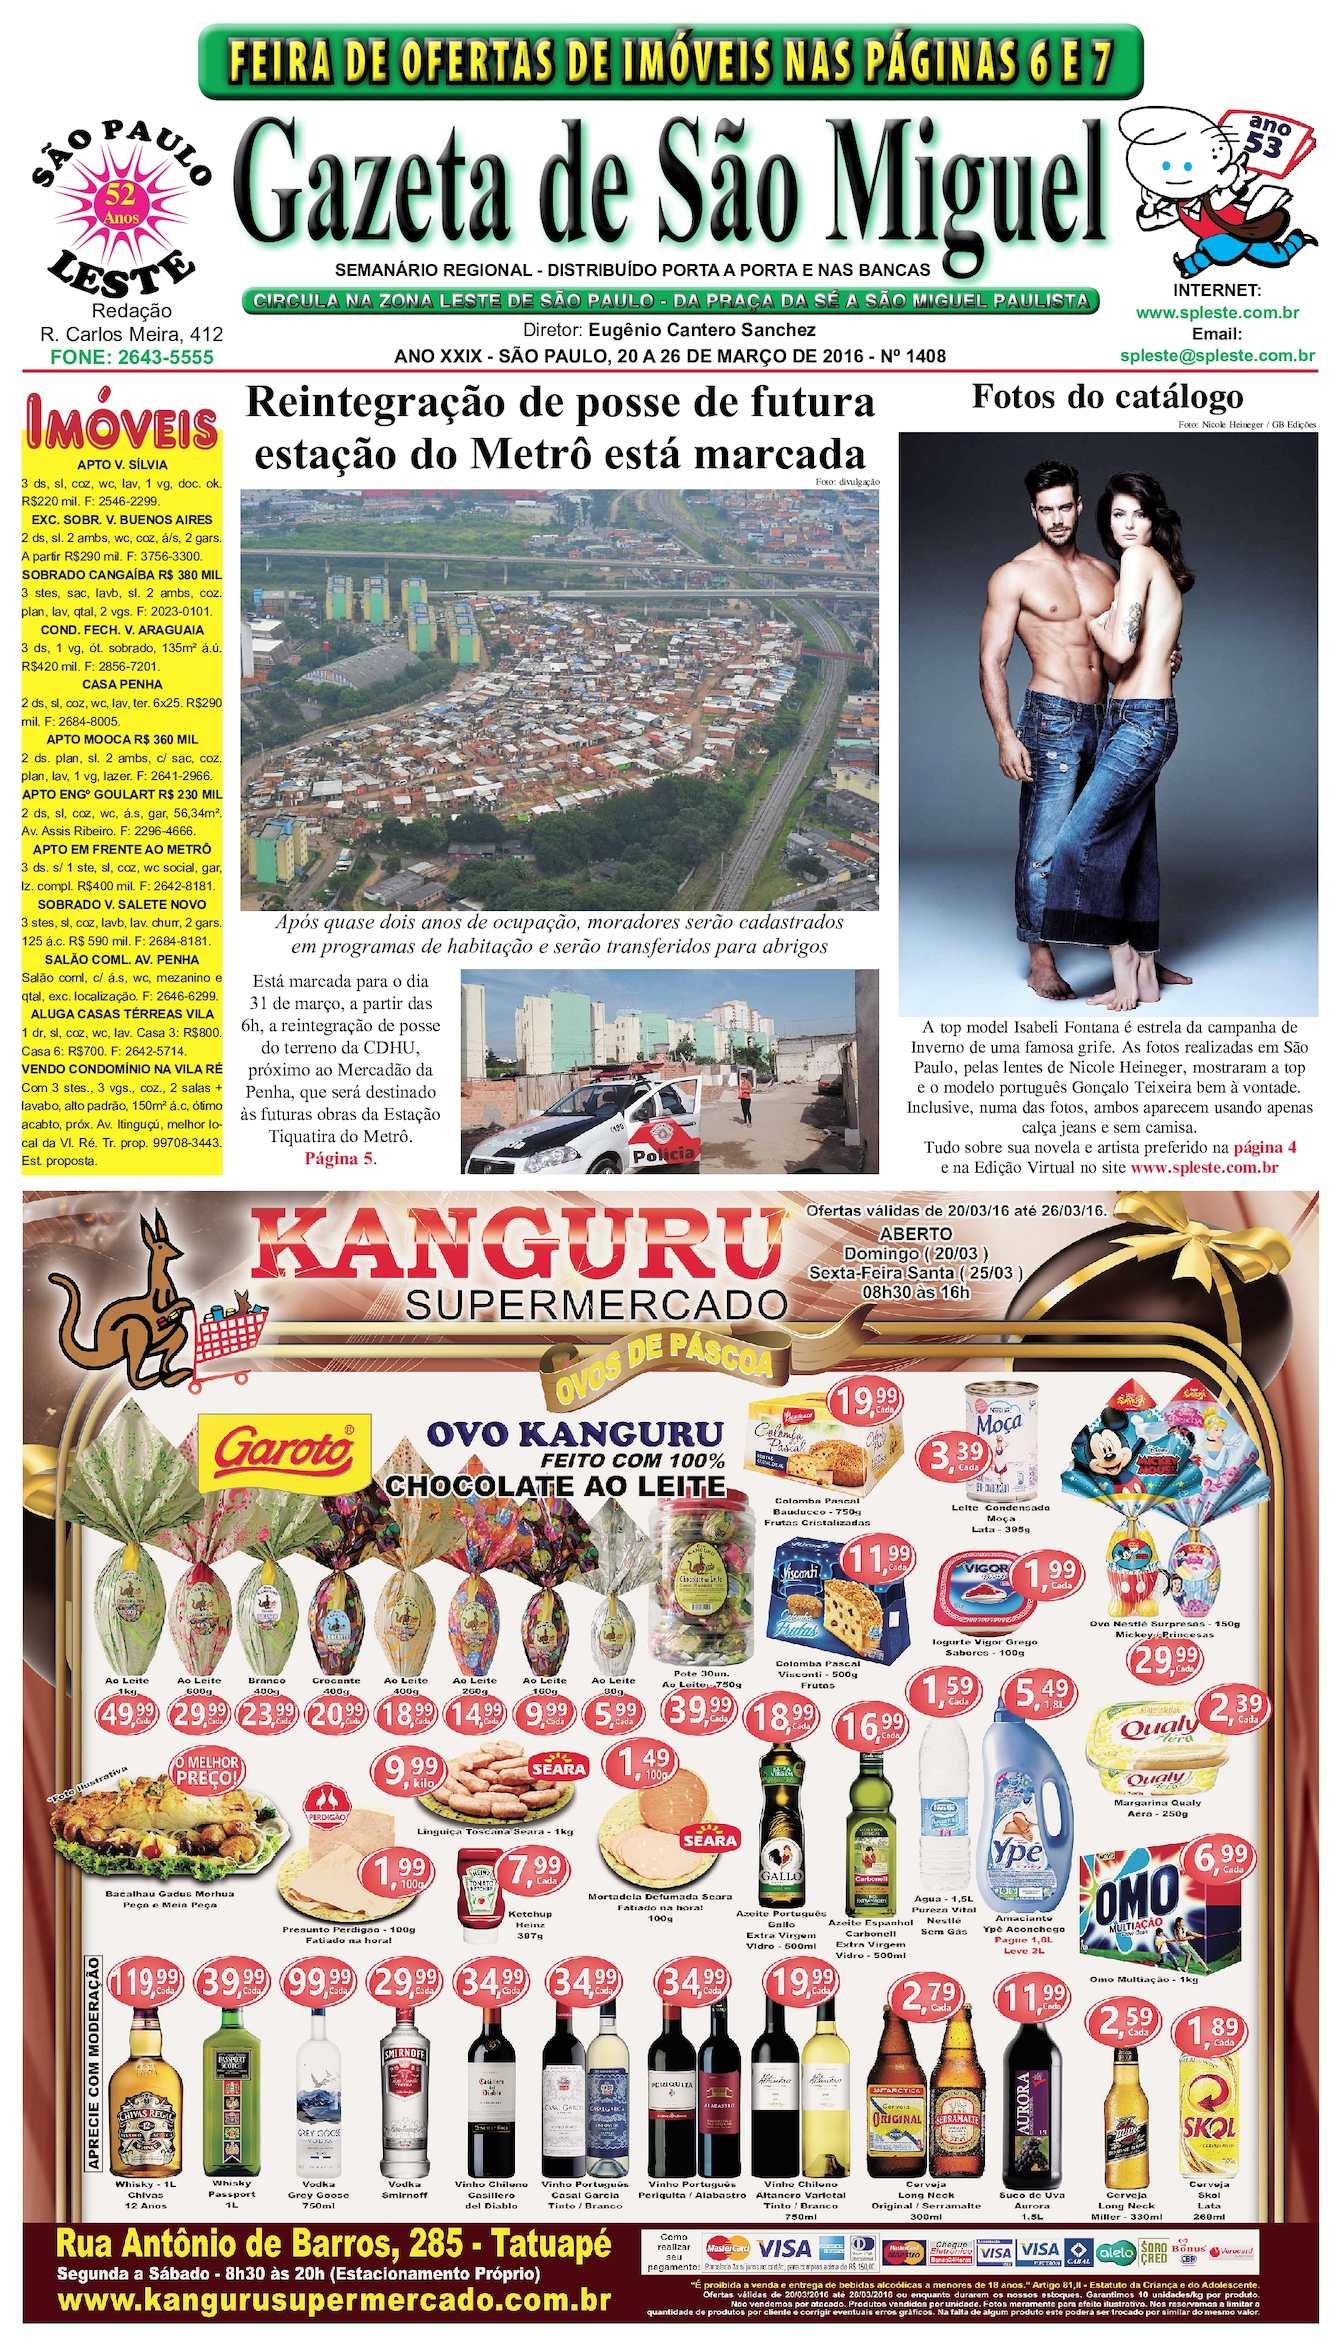 Calaméo - Gazeta de São Miguel - edição 1408 - 20 a 26.03.16 7adf353c94